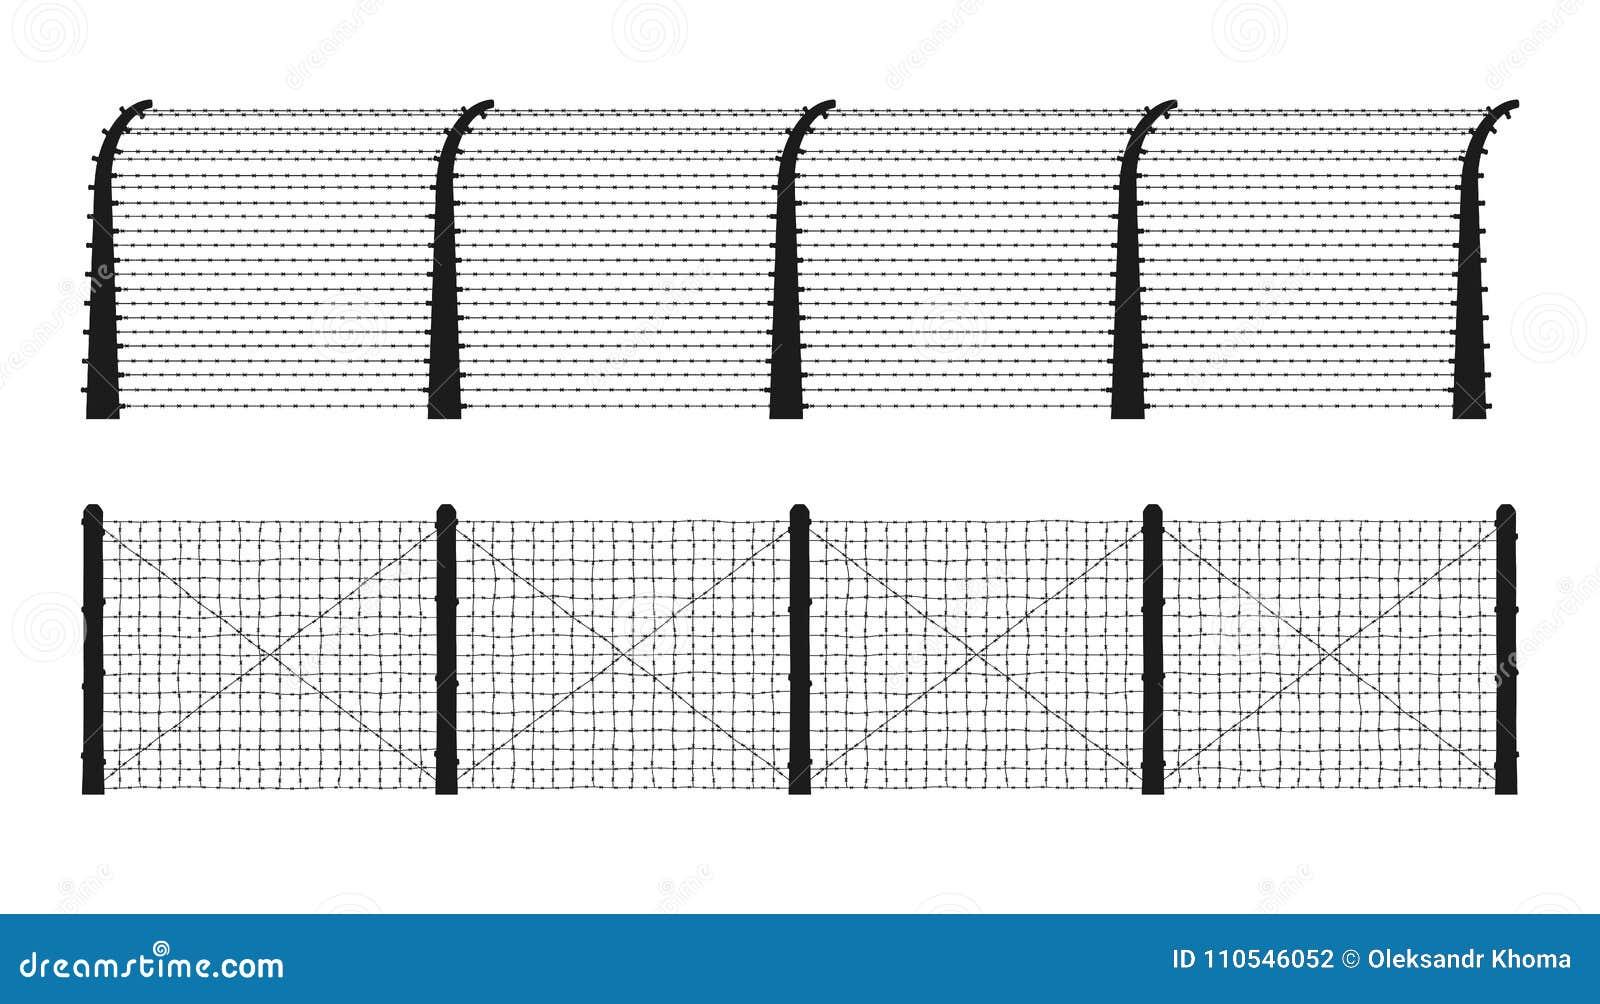 Koncentracyjnego obozu ogrodzenia sylwetki